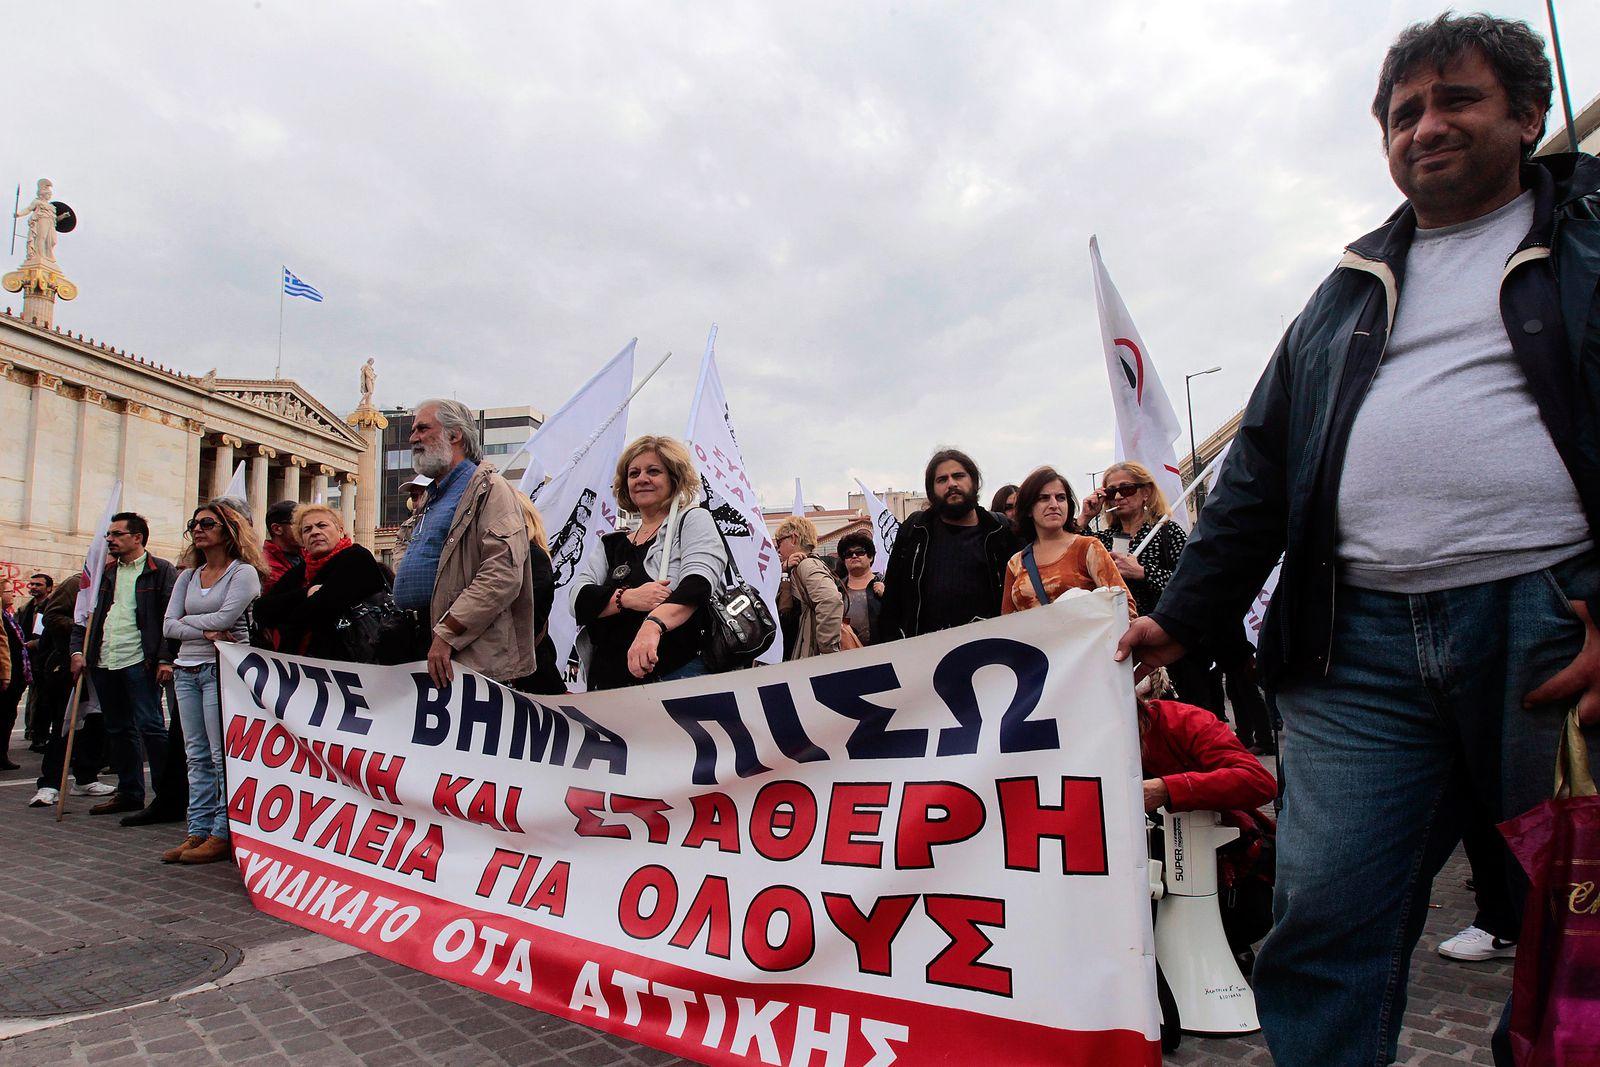 Griechenland / Protest gegen Troika